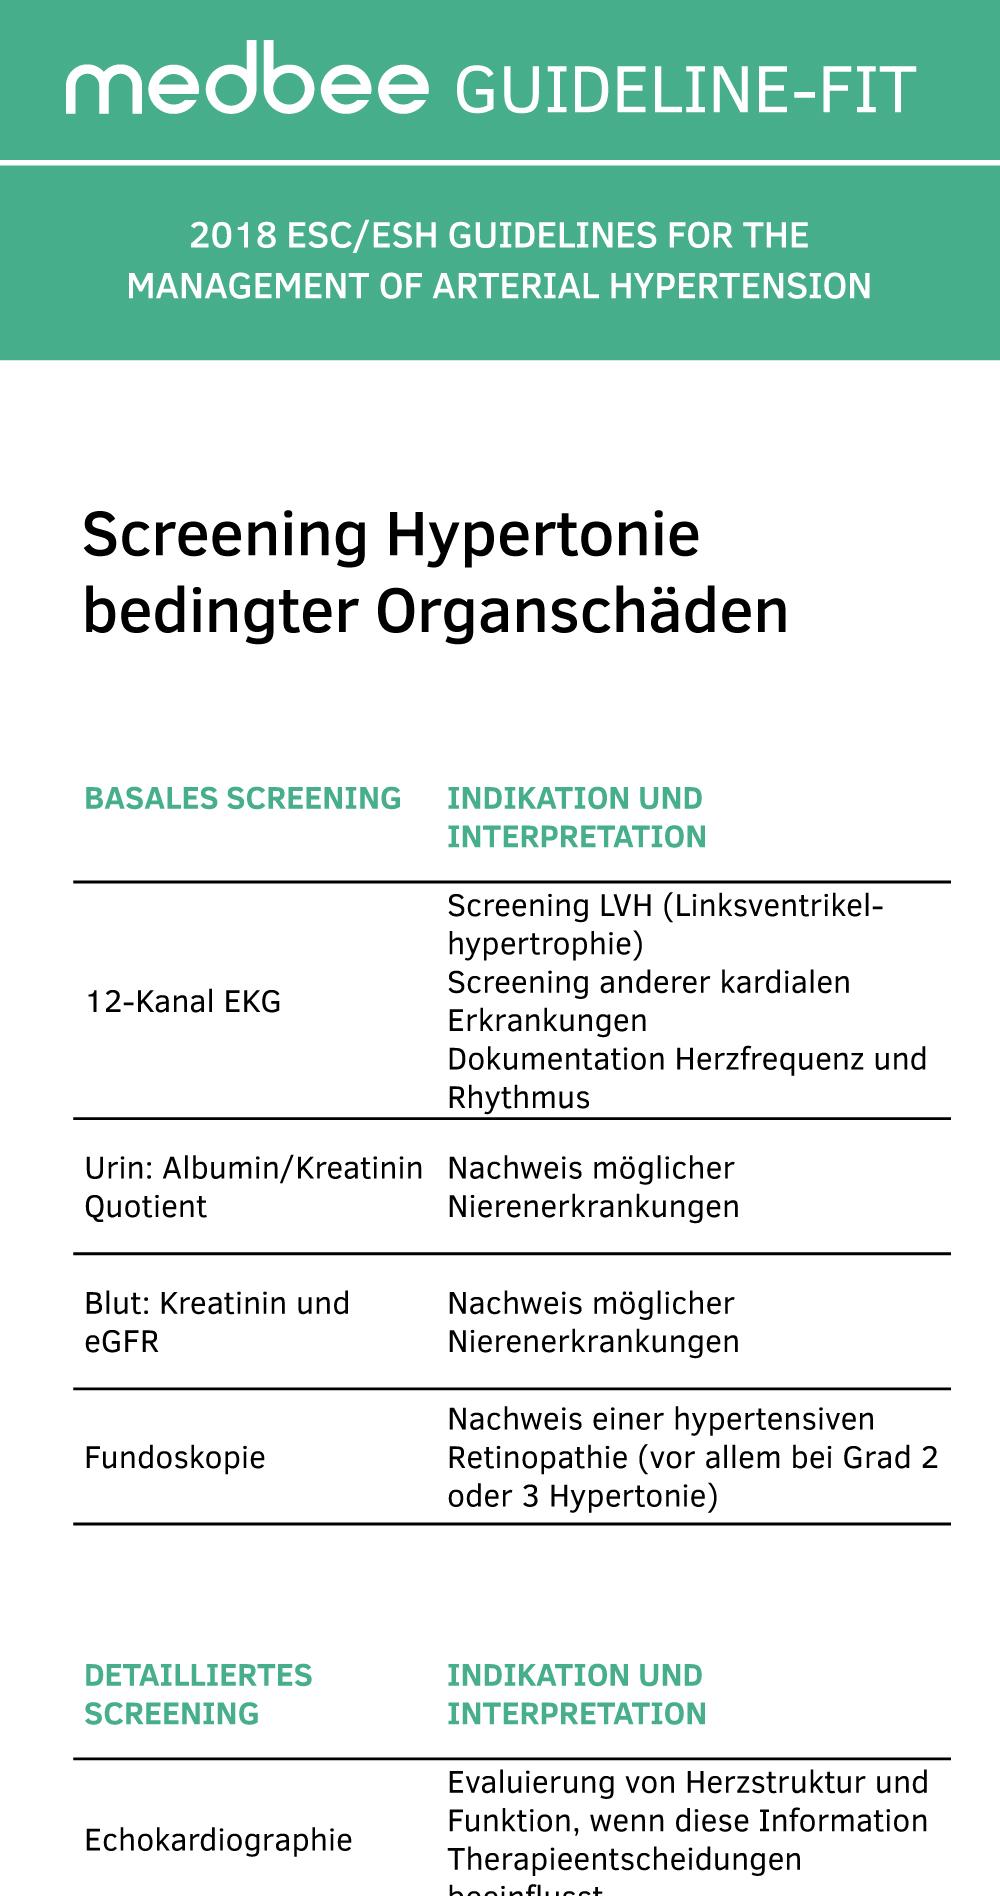 Arterielle Hypertonie GUIDELINE-FIT 07